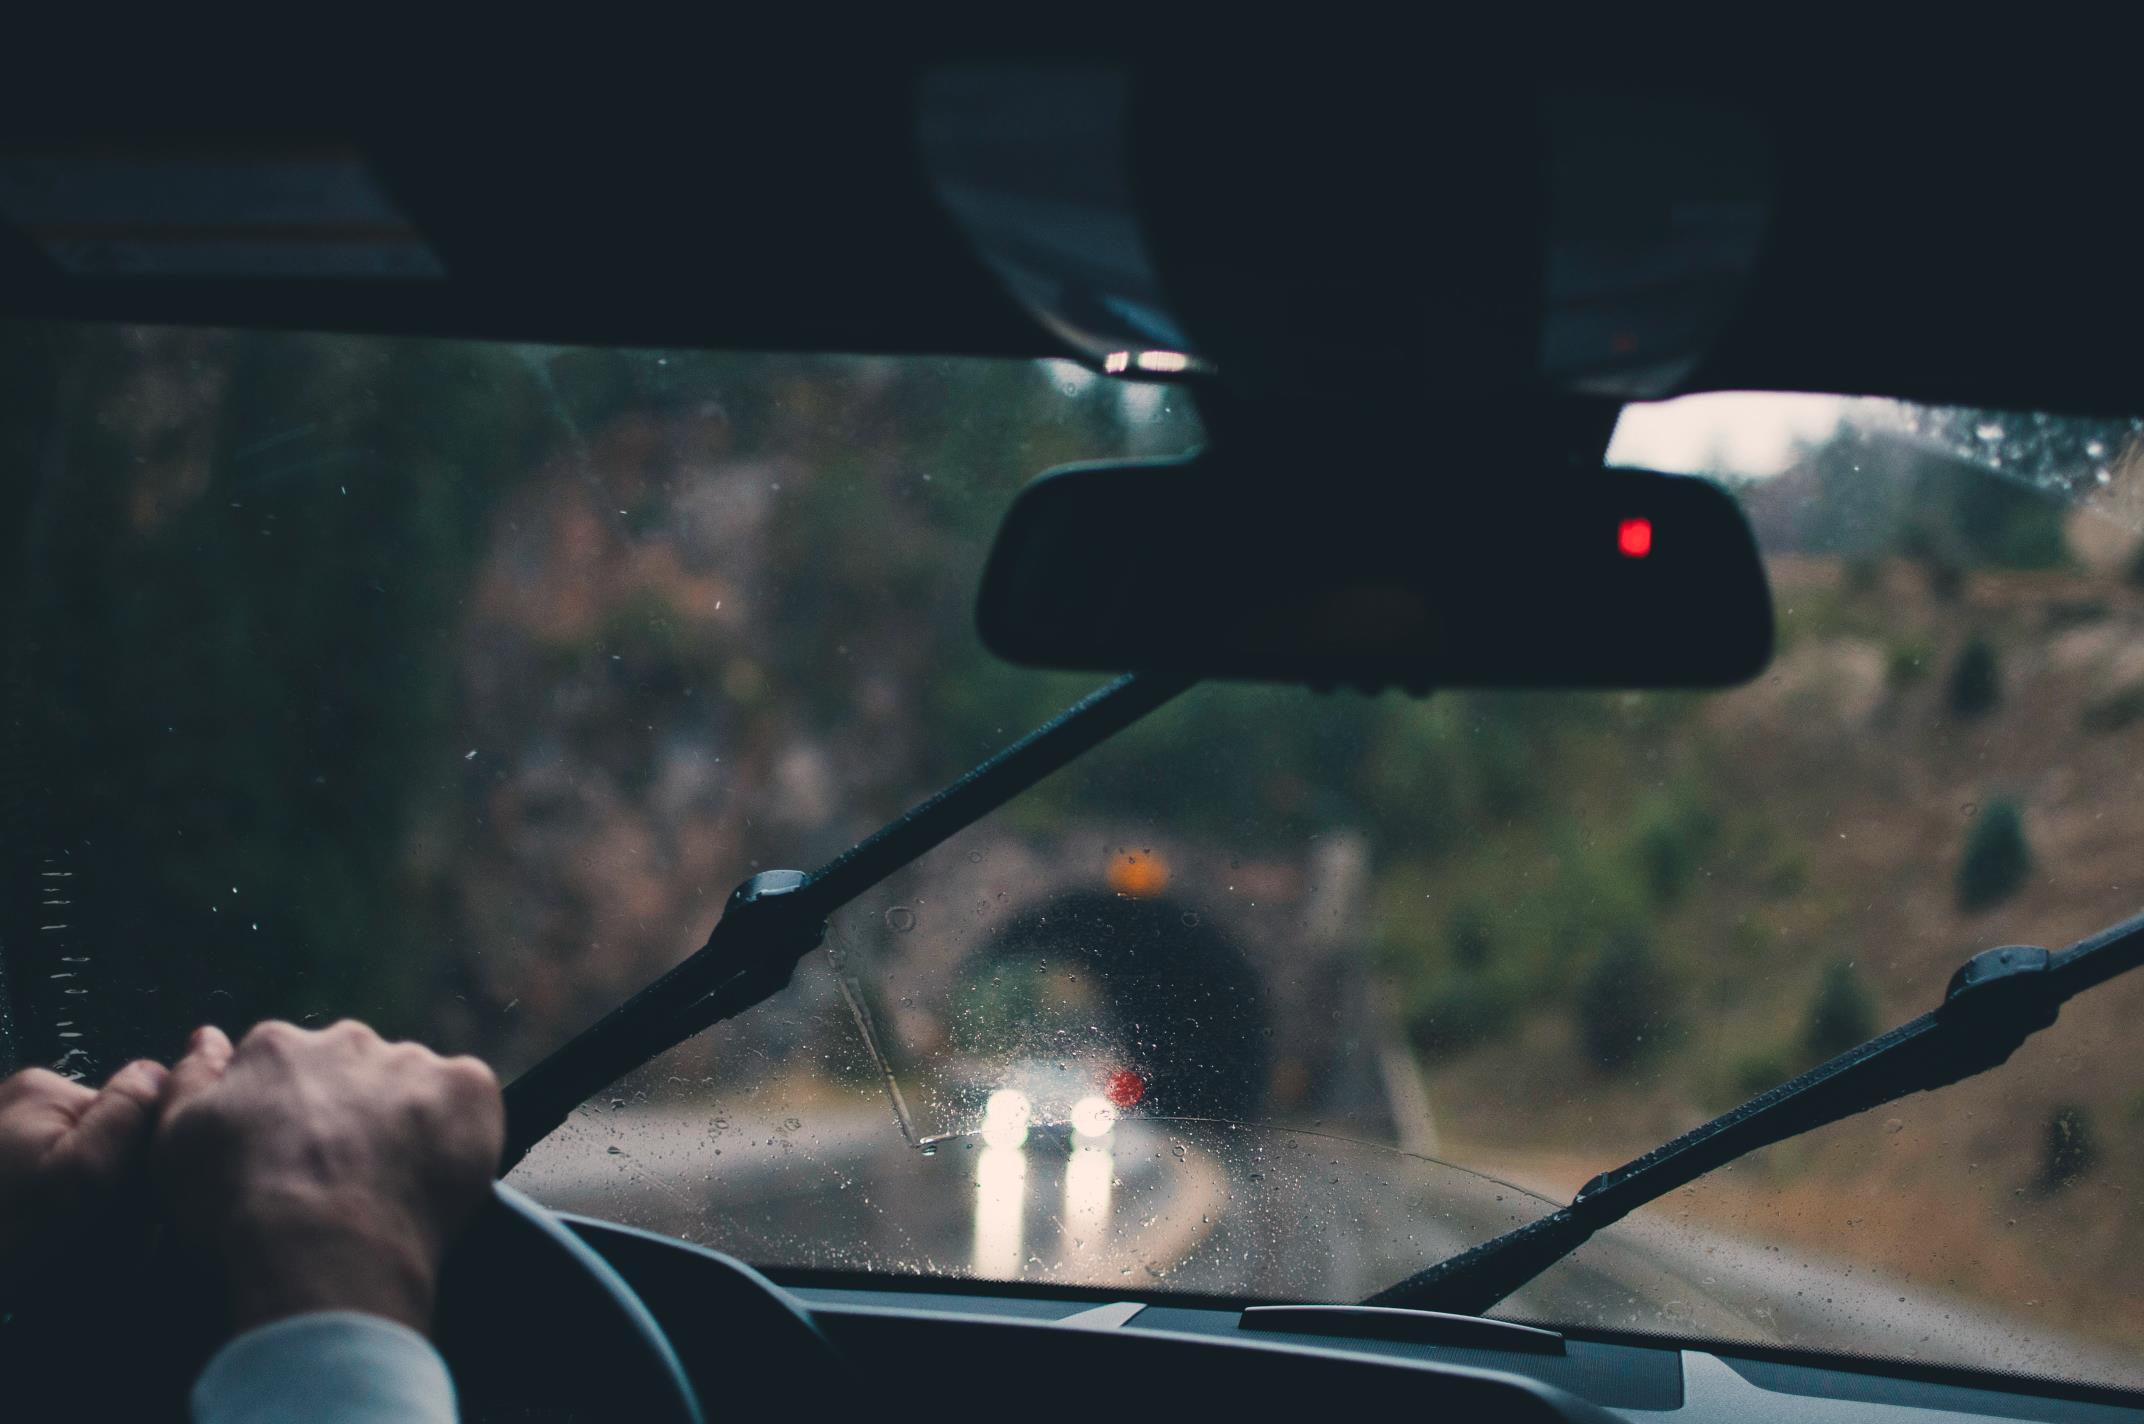 Cuando llueve, la visibilidad disminuye y conviene encender las luces de carretera. (Fotos: cedidas).